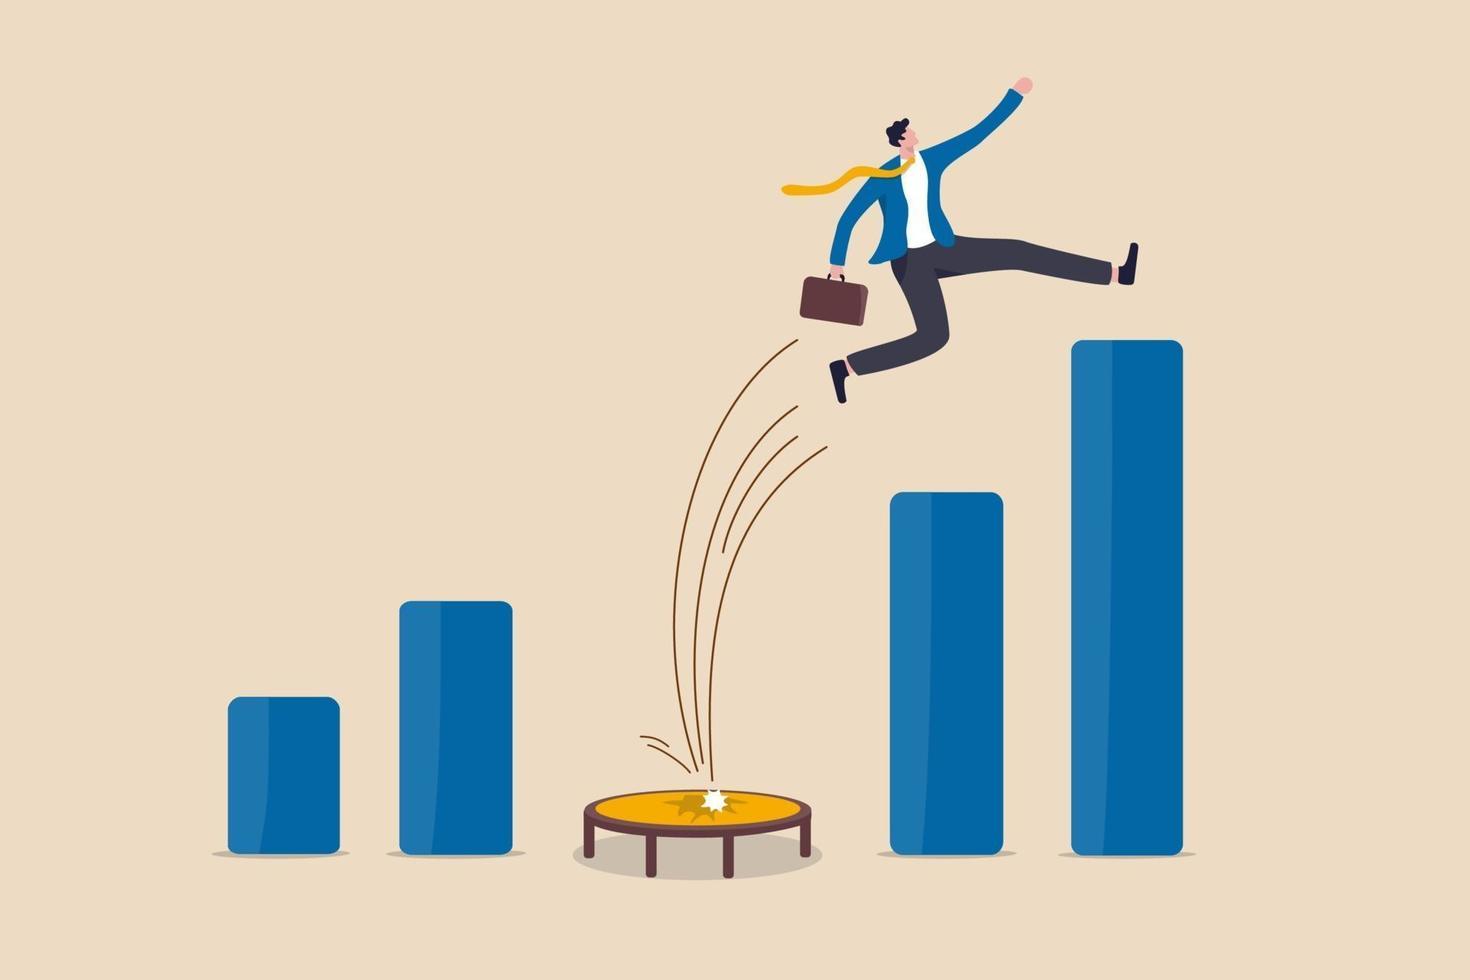 stark affärsman som hoppar från studsmattan tillbaka till toppen av växande stapeldiagram vektor